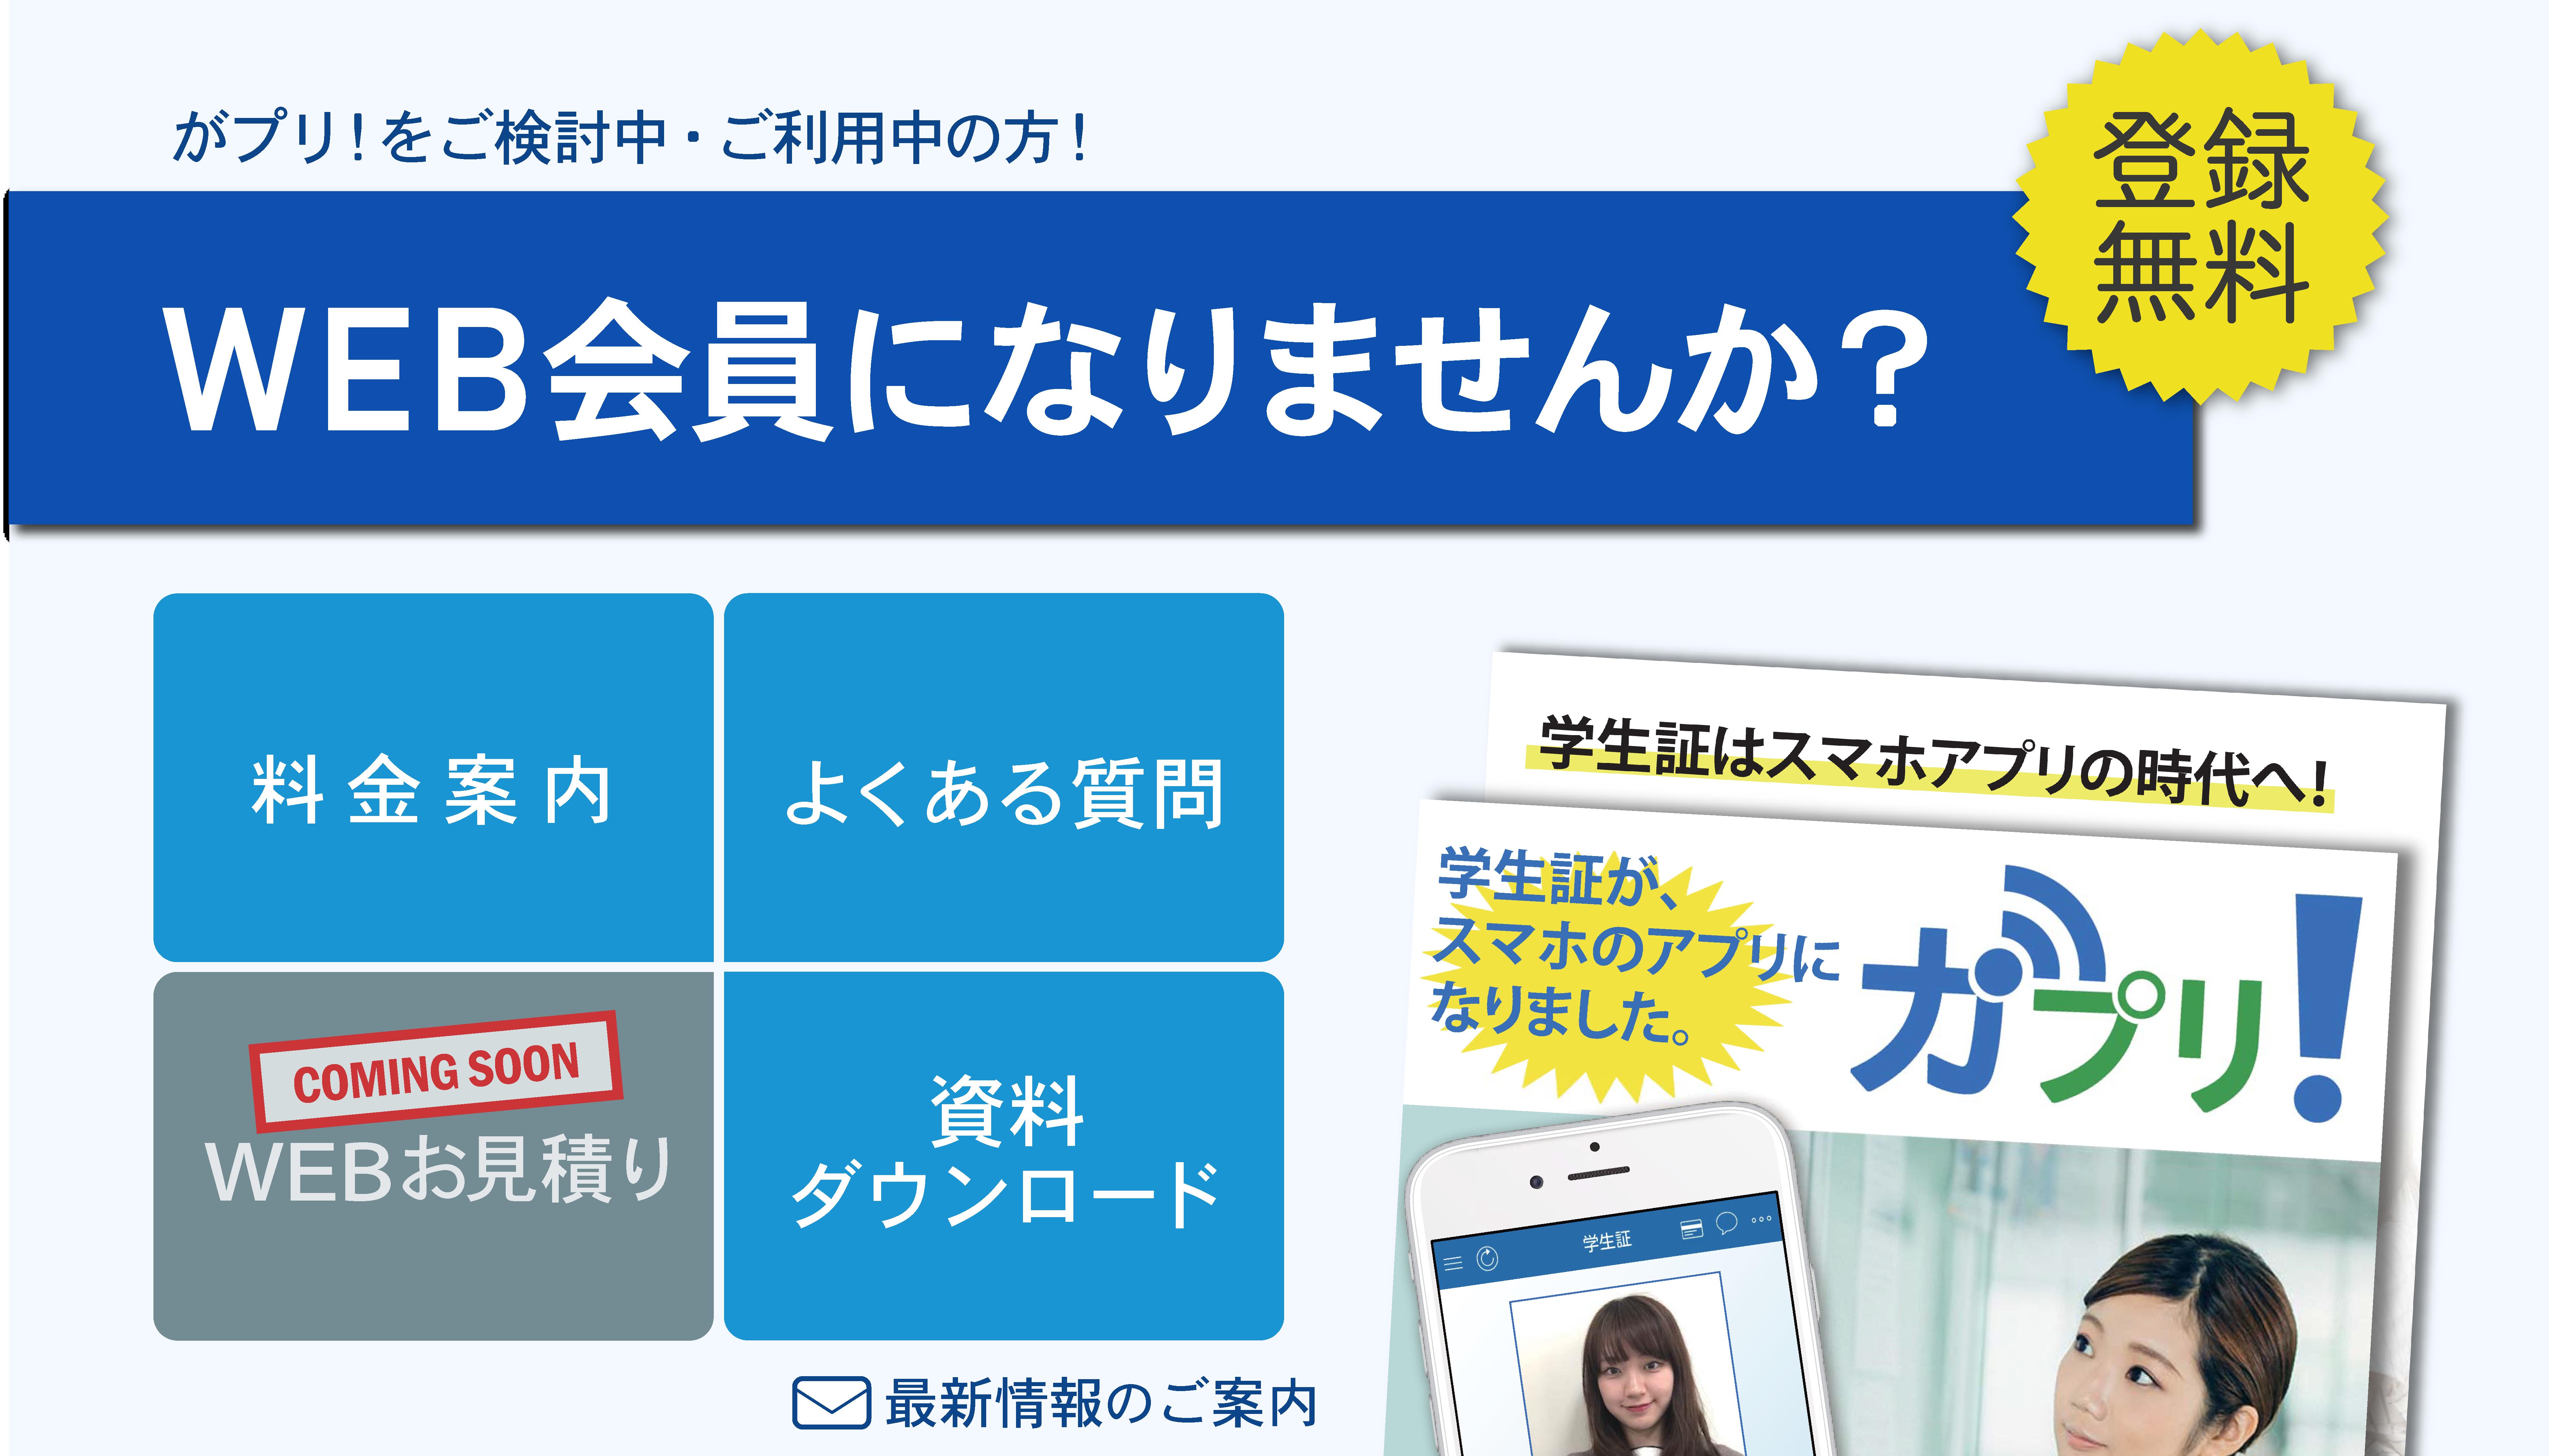 がぷり!WEB会員登録